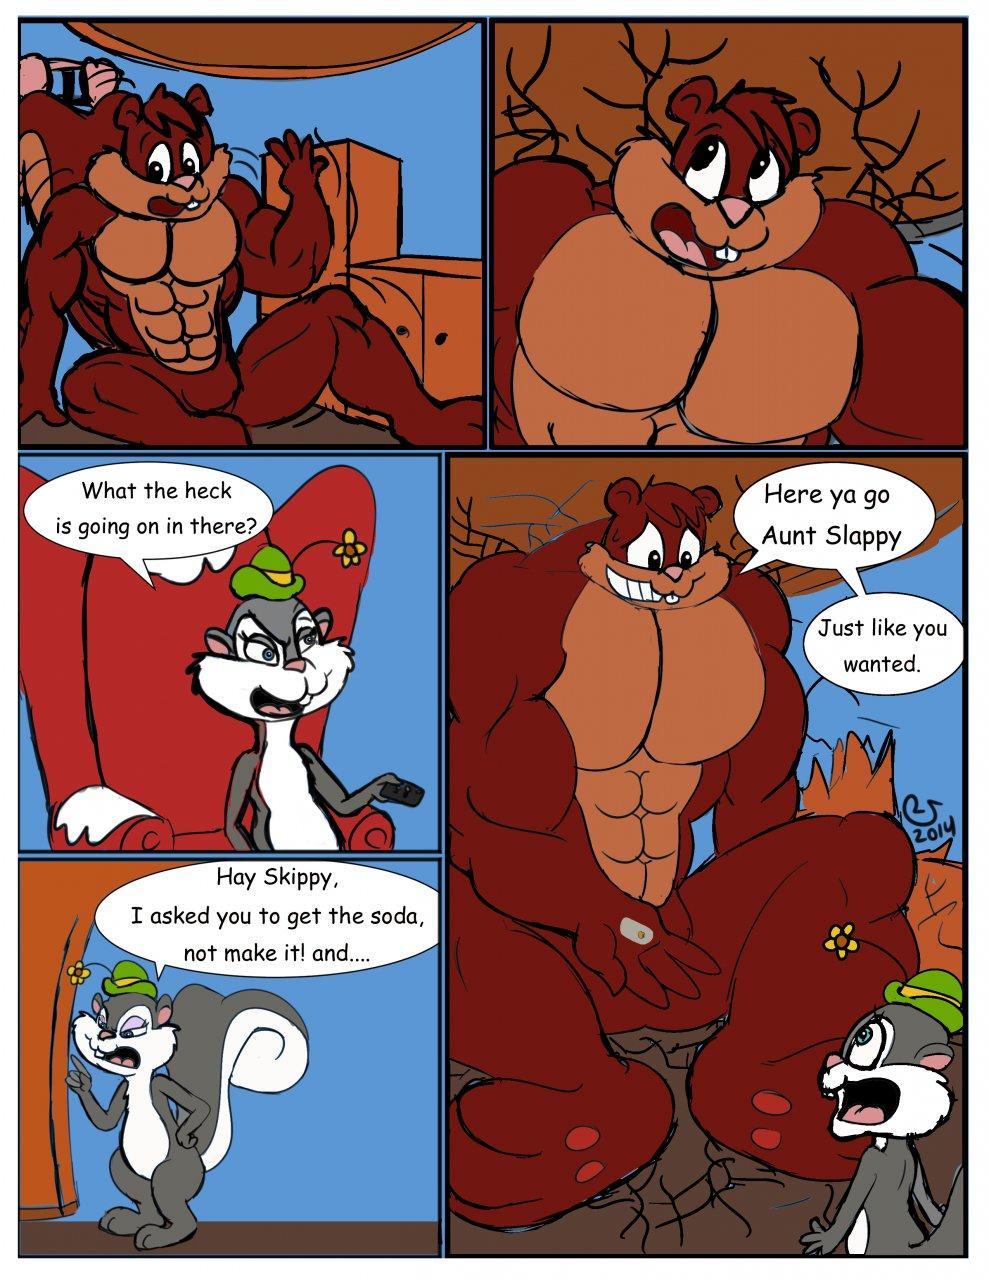 Super Sized Squirrel Page 4/5 By CaseyLJones